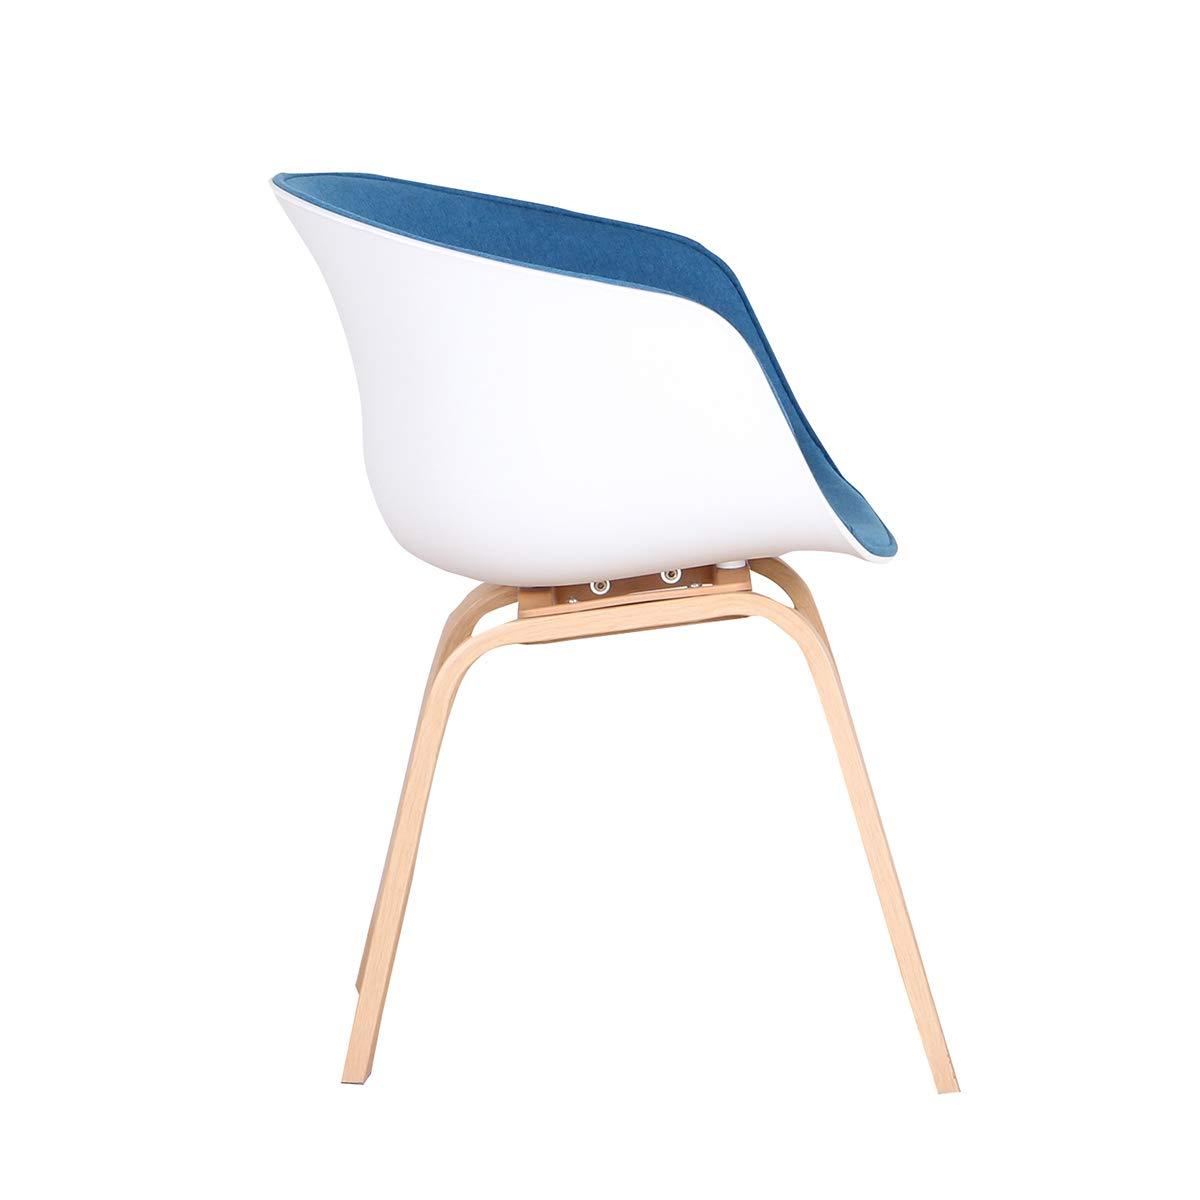 GroBKau matsalsstol uppsättning med 2 kontorsstolar med armstöd för hemtyg fåtöljer med metallben för vardagsrum matsal (blå, 2) BLÅ